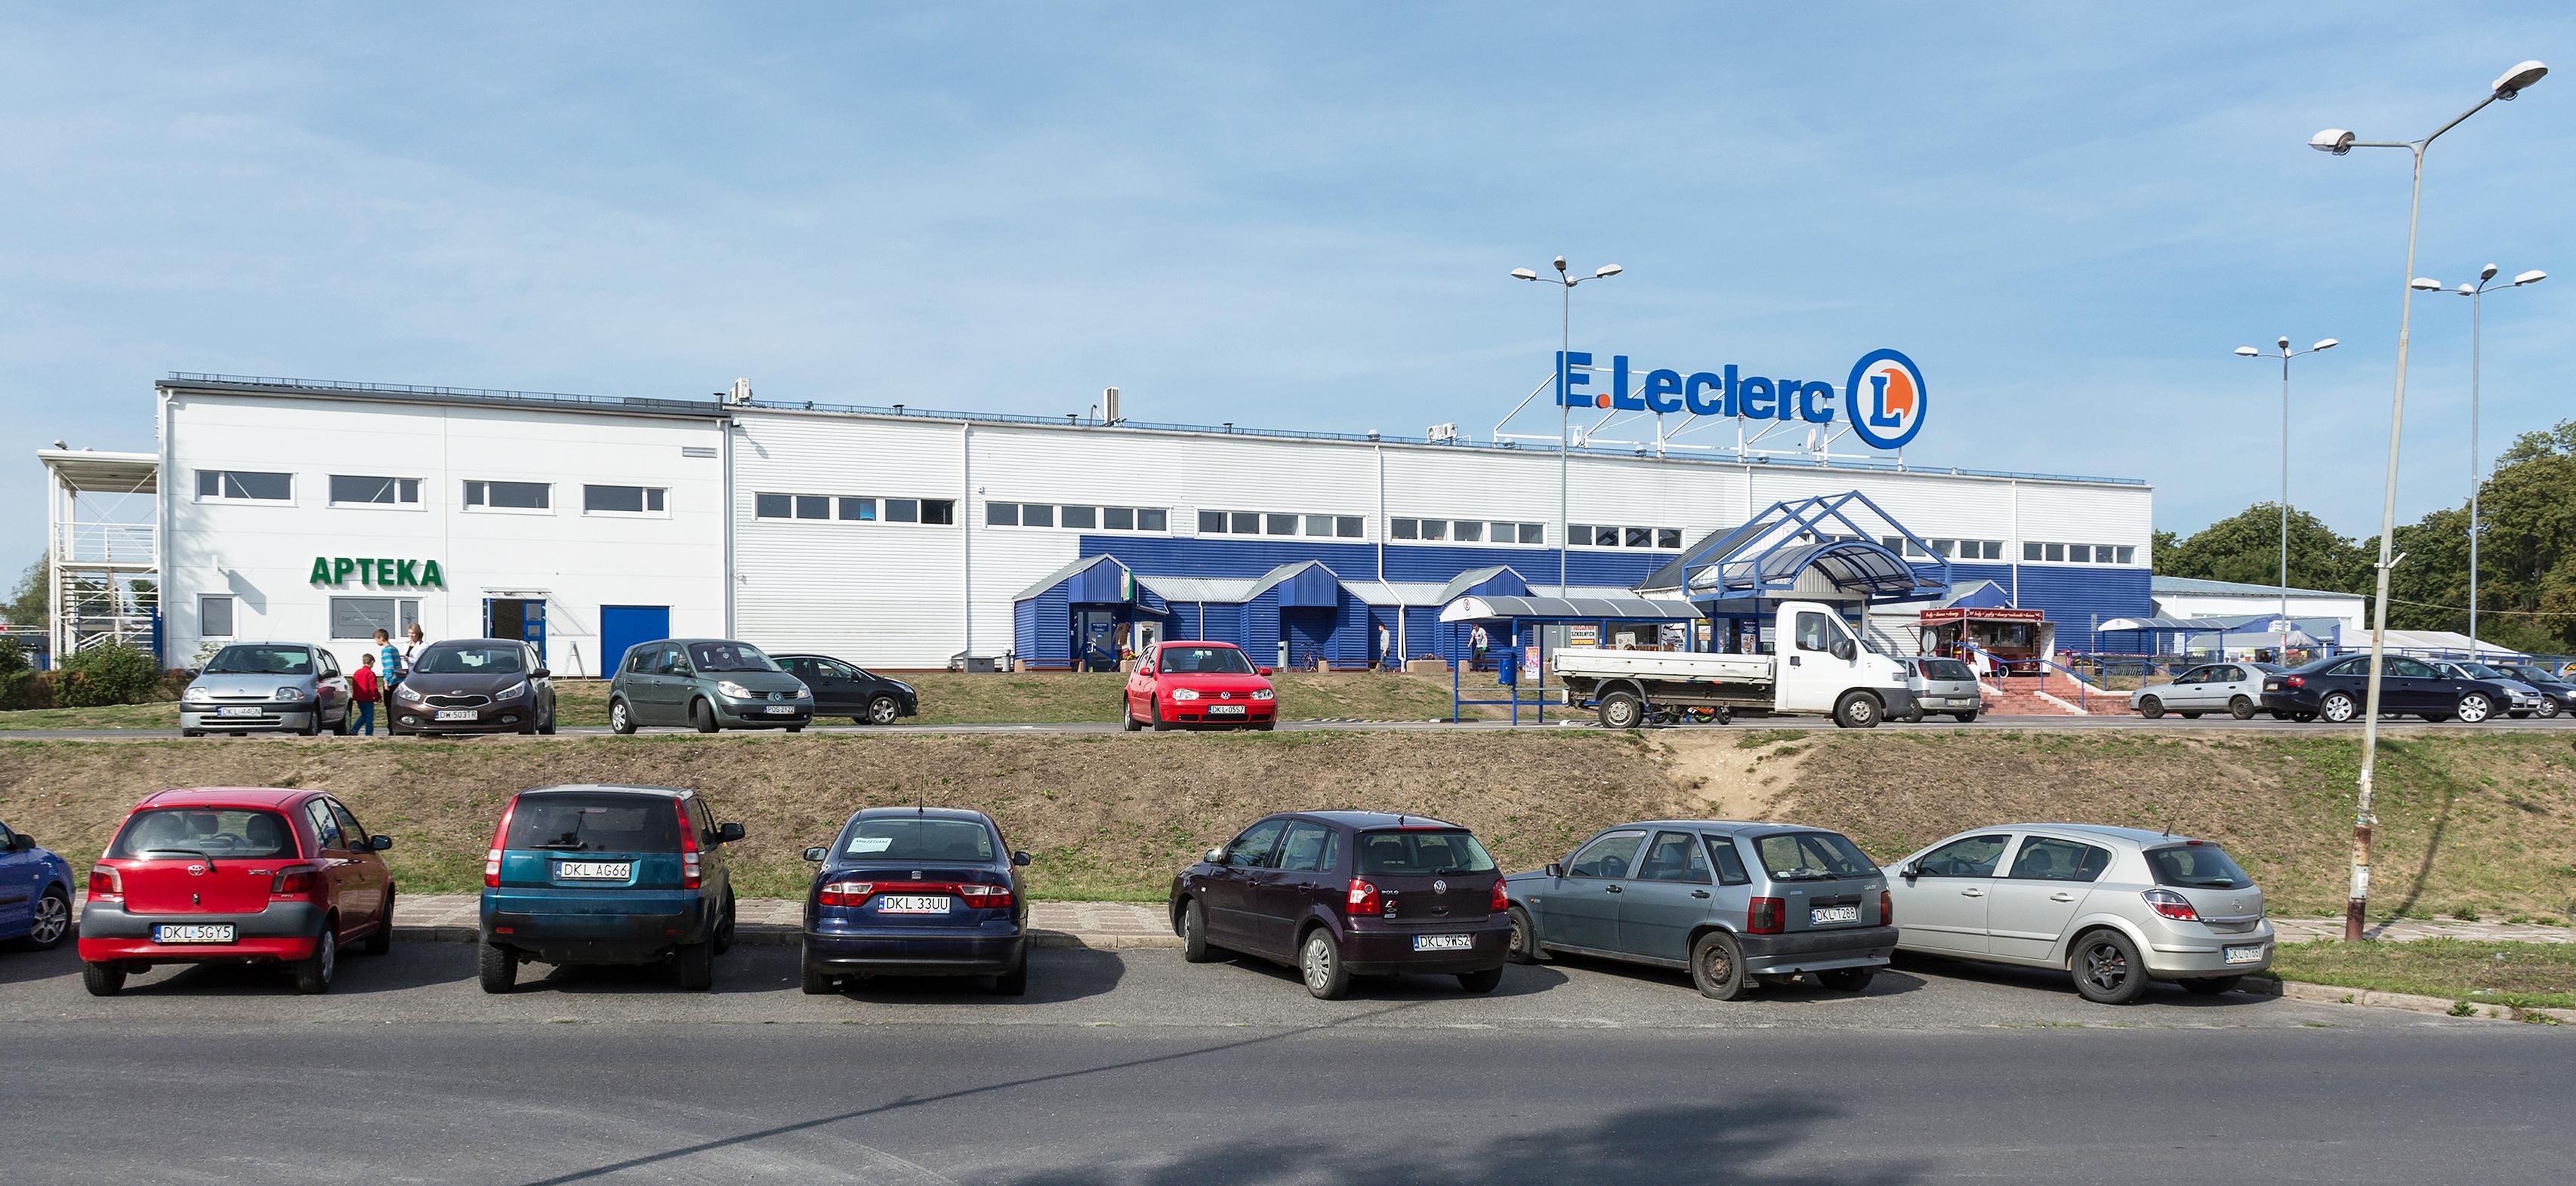 Carte Sca Leclerc.E Leclerc Wikipedia